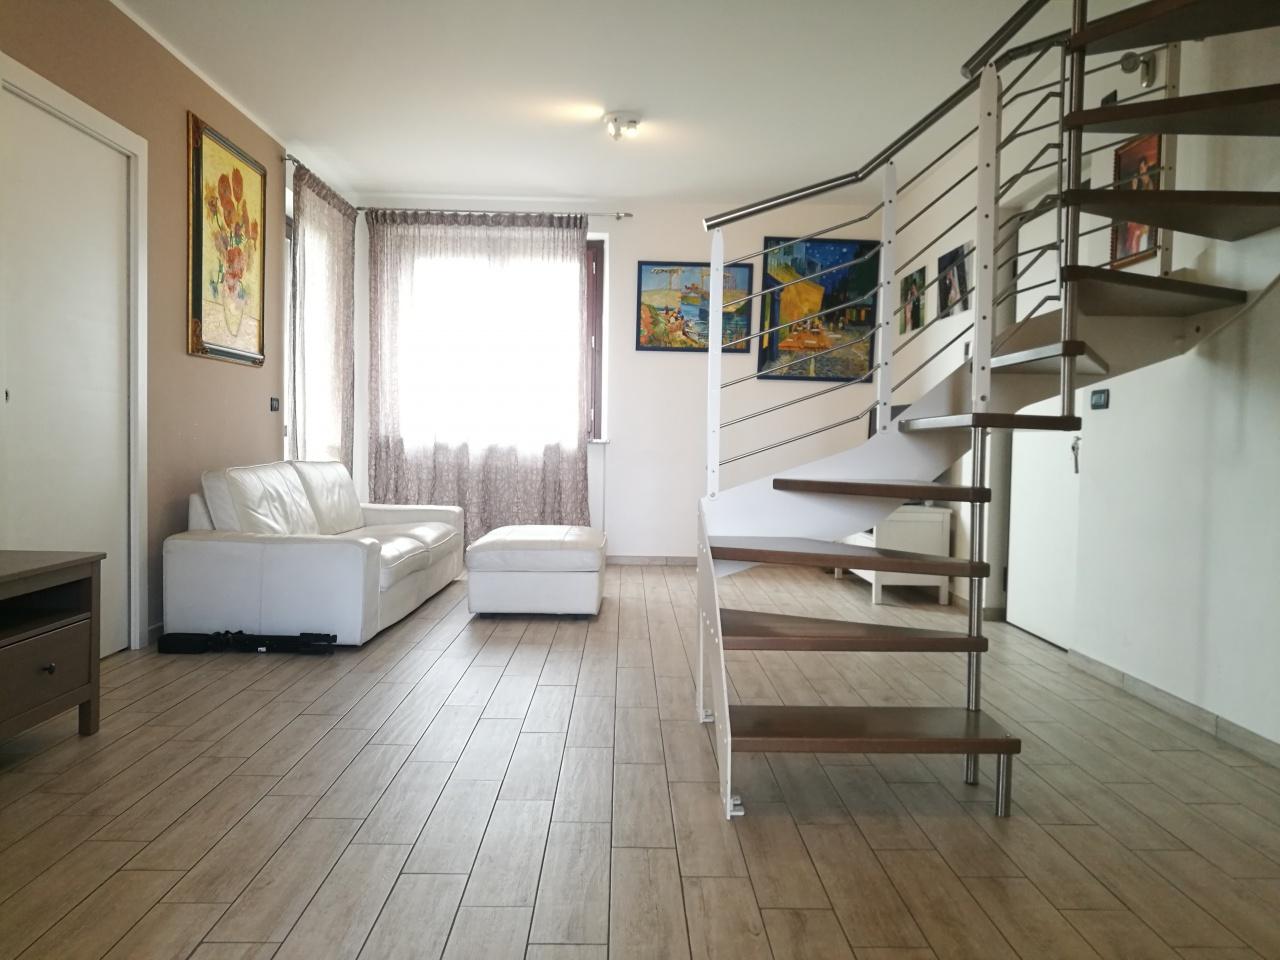 Appartamento in affitto a Rondissone, 8 locali, prezzo € 780 | CambioCasa.it